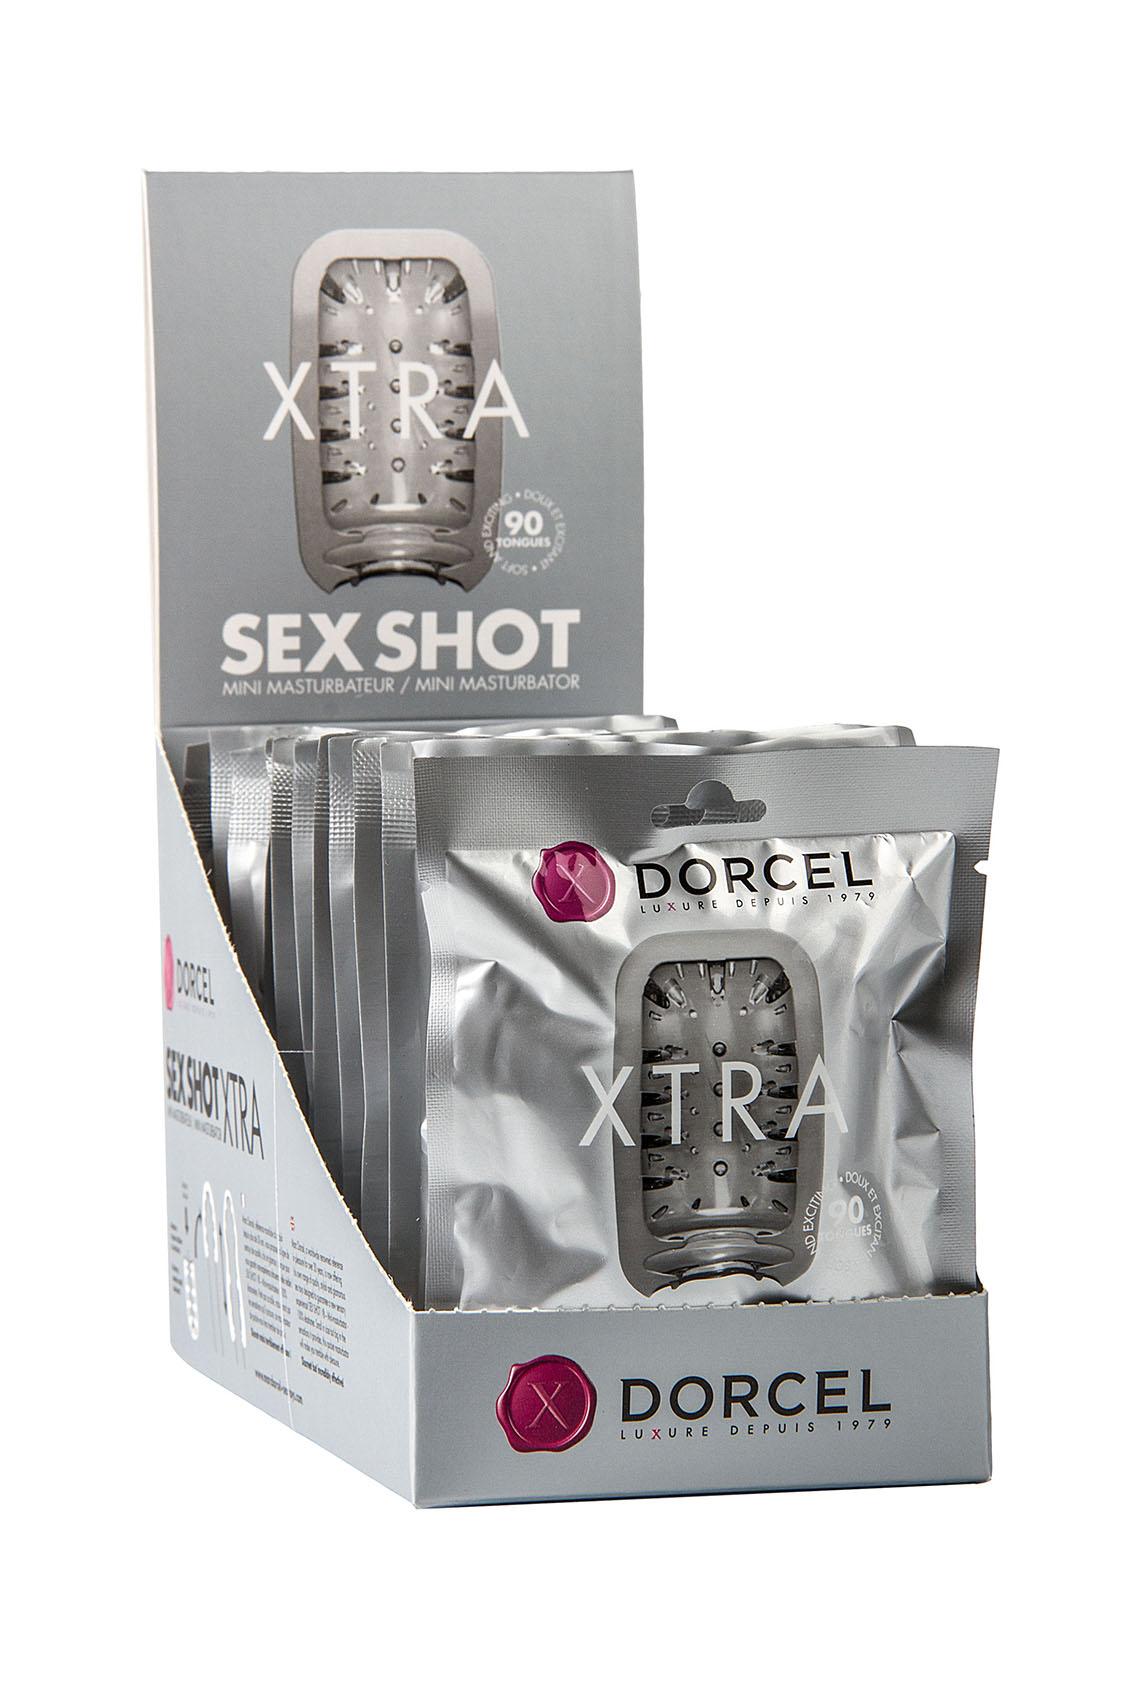 SEX SHORT XTRA